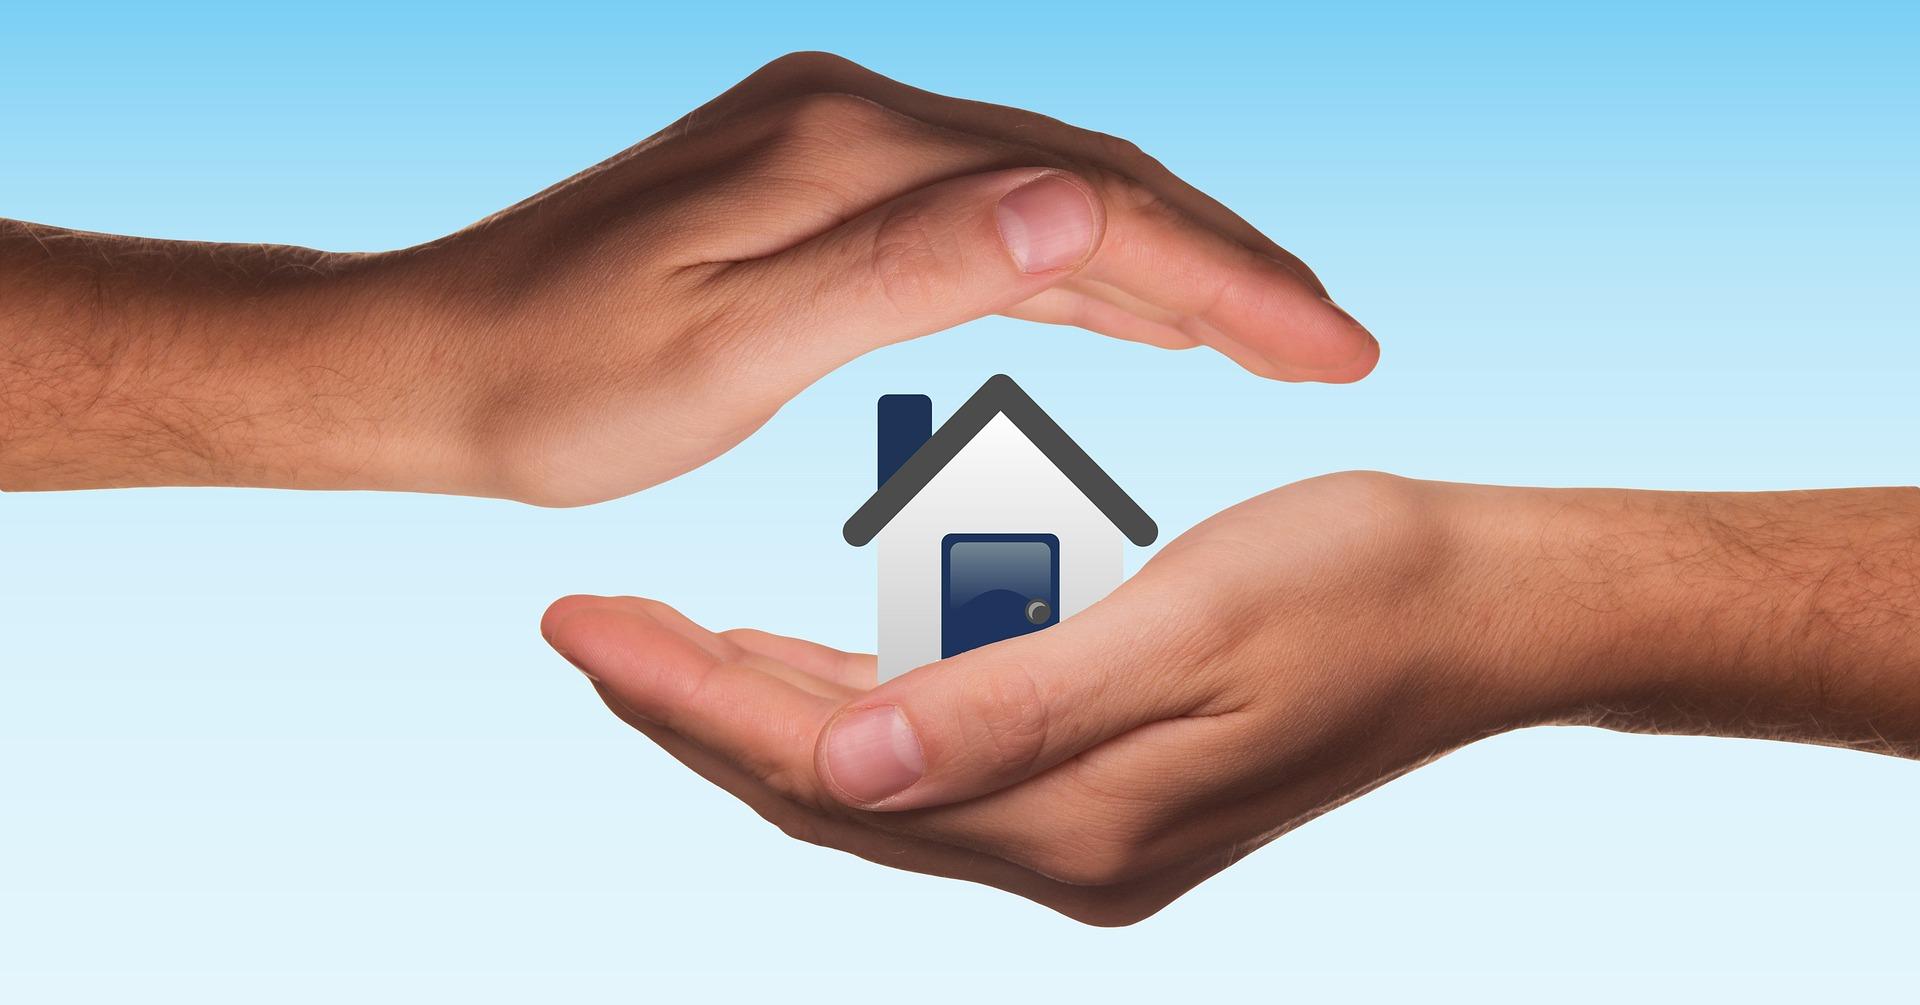 Assurance stockage à domicile